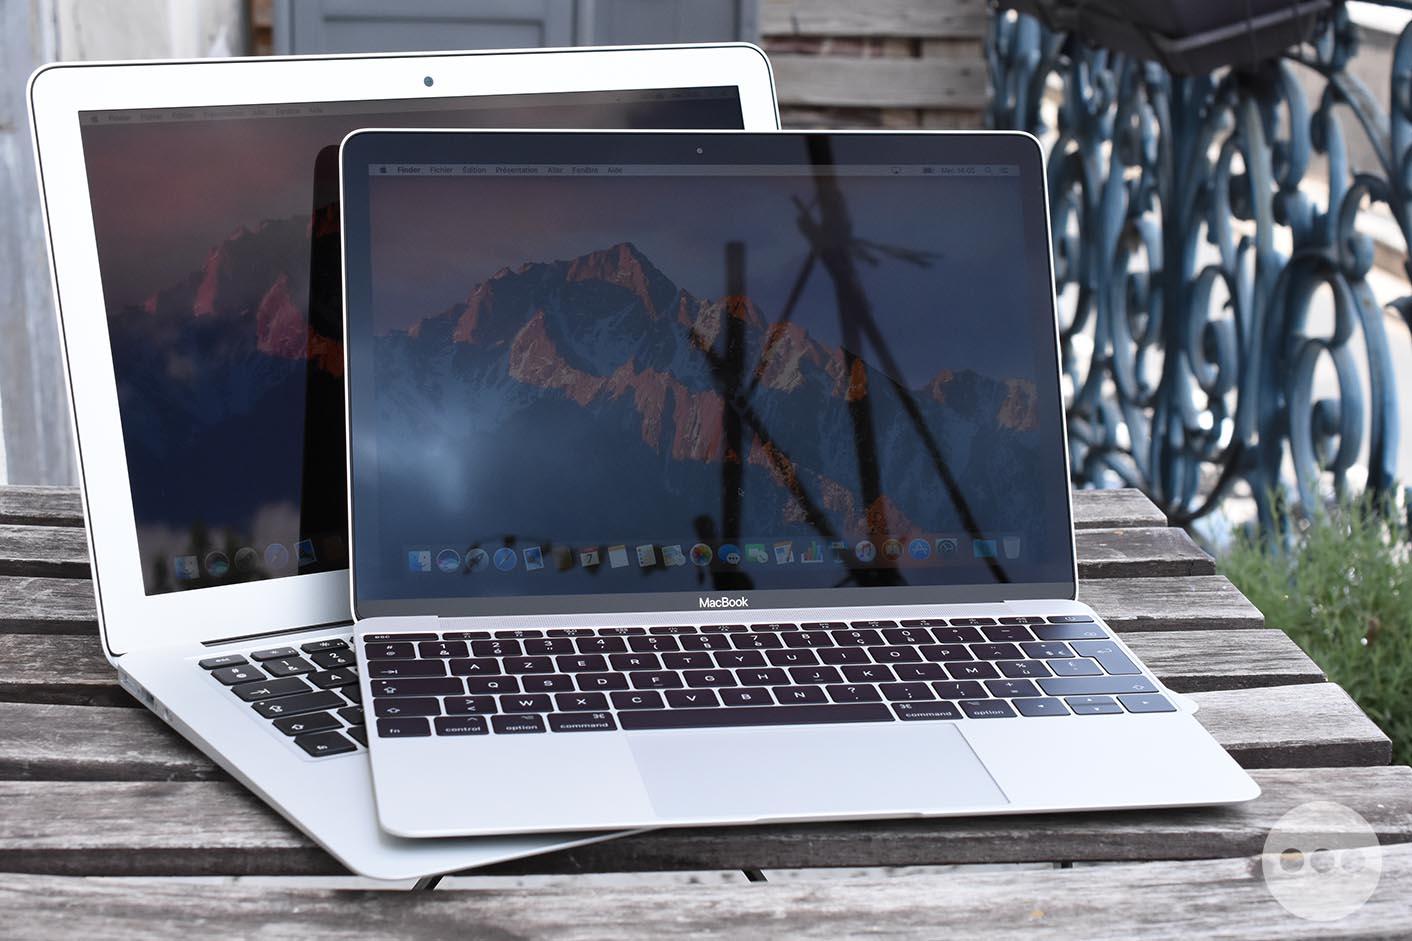 MacBook Air MacBook 12